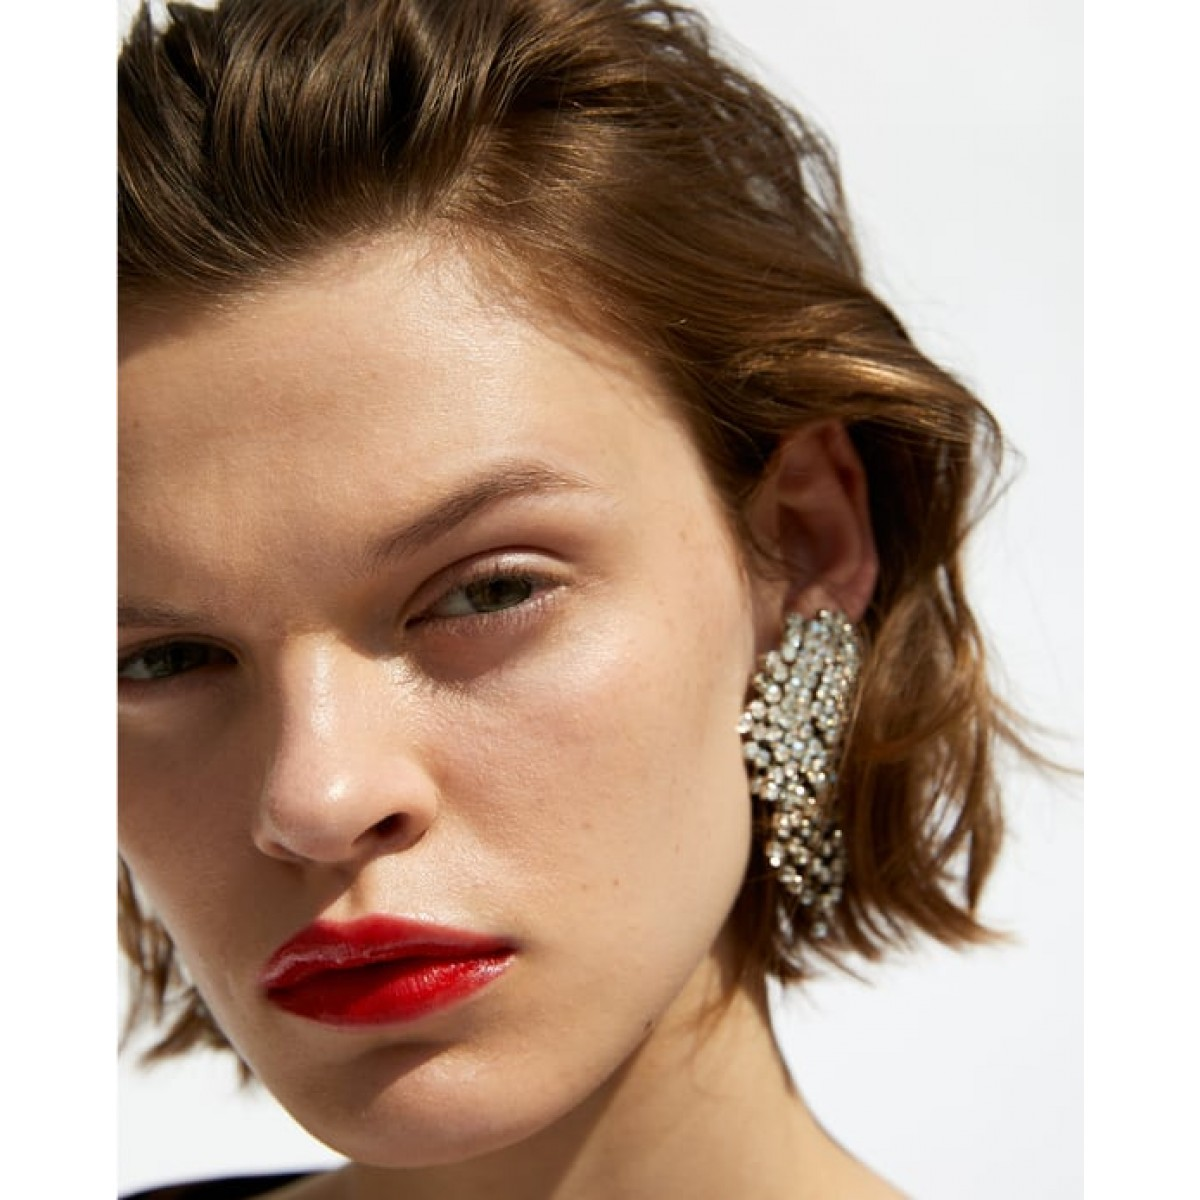 Zara Diamante Earrings With Tassels